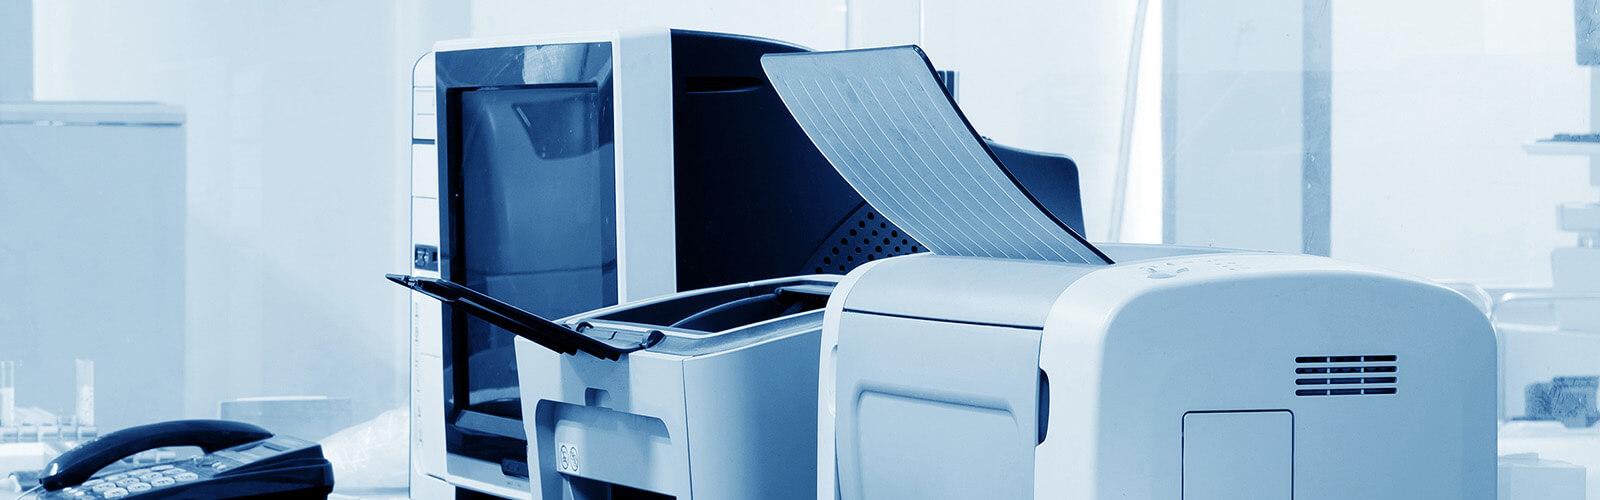 Print-Management-Services